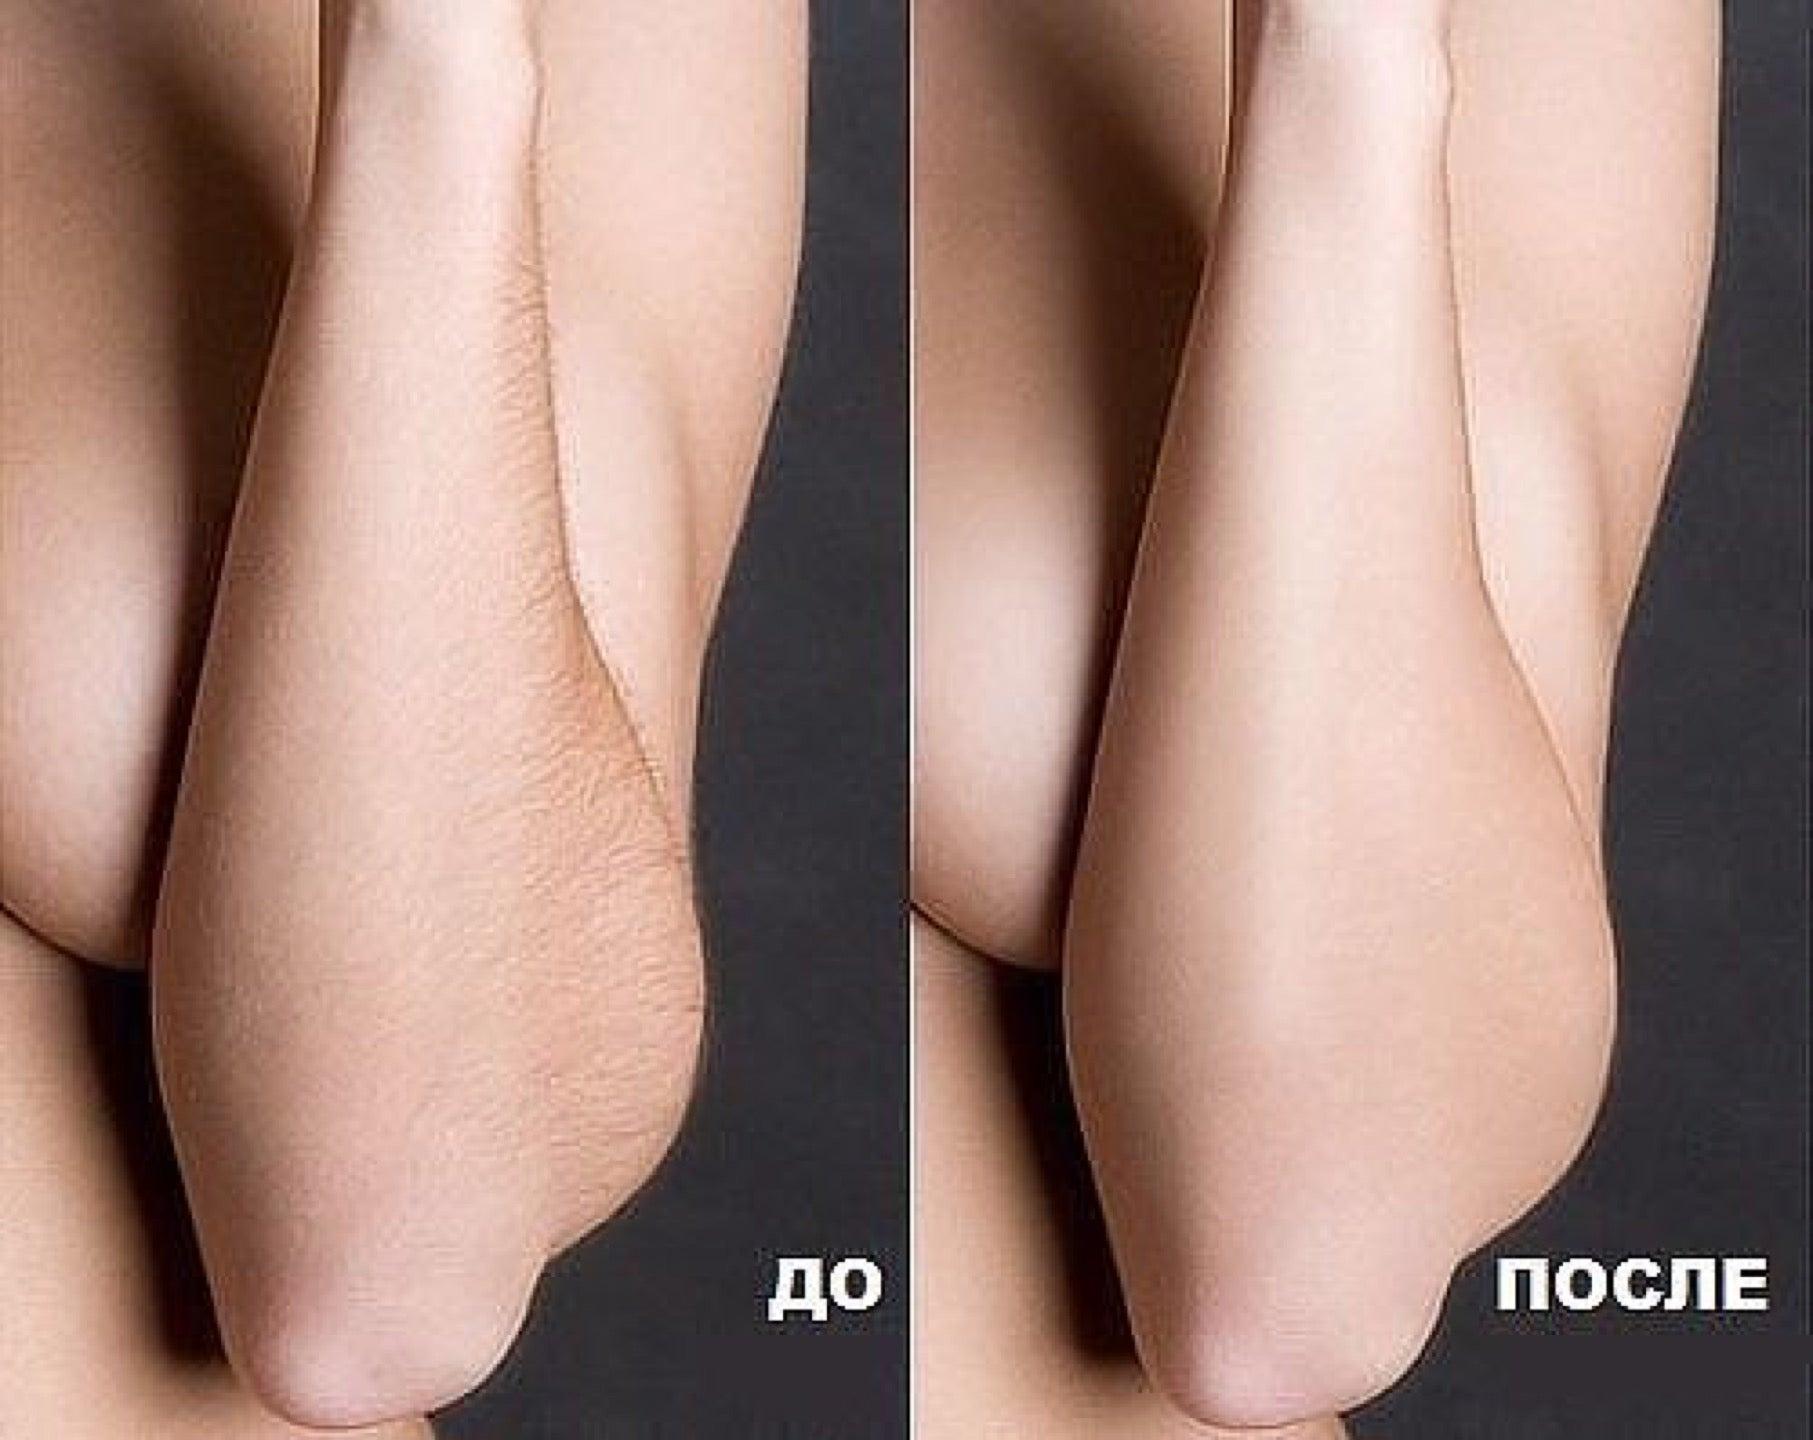 Чем осветлить волосы на ногах в домашних условиях